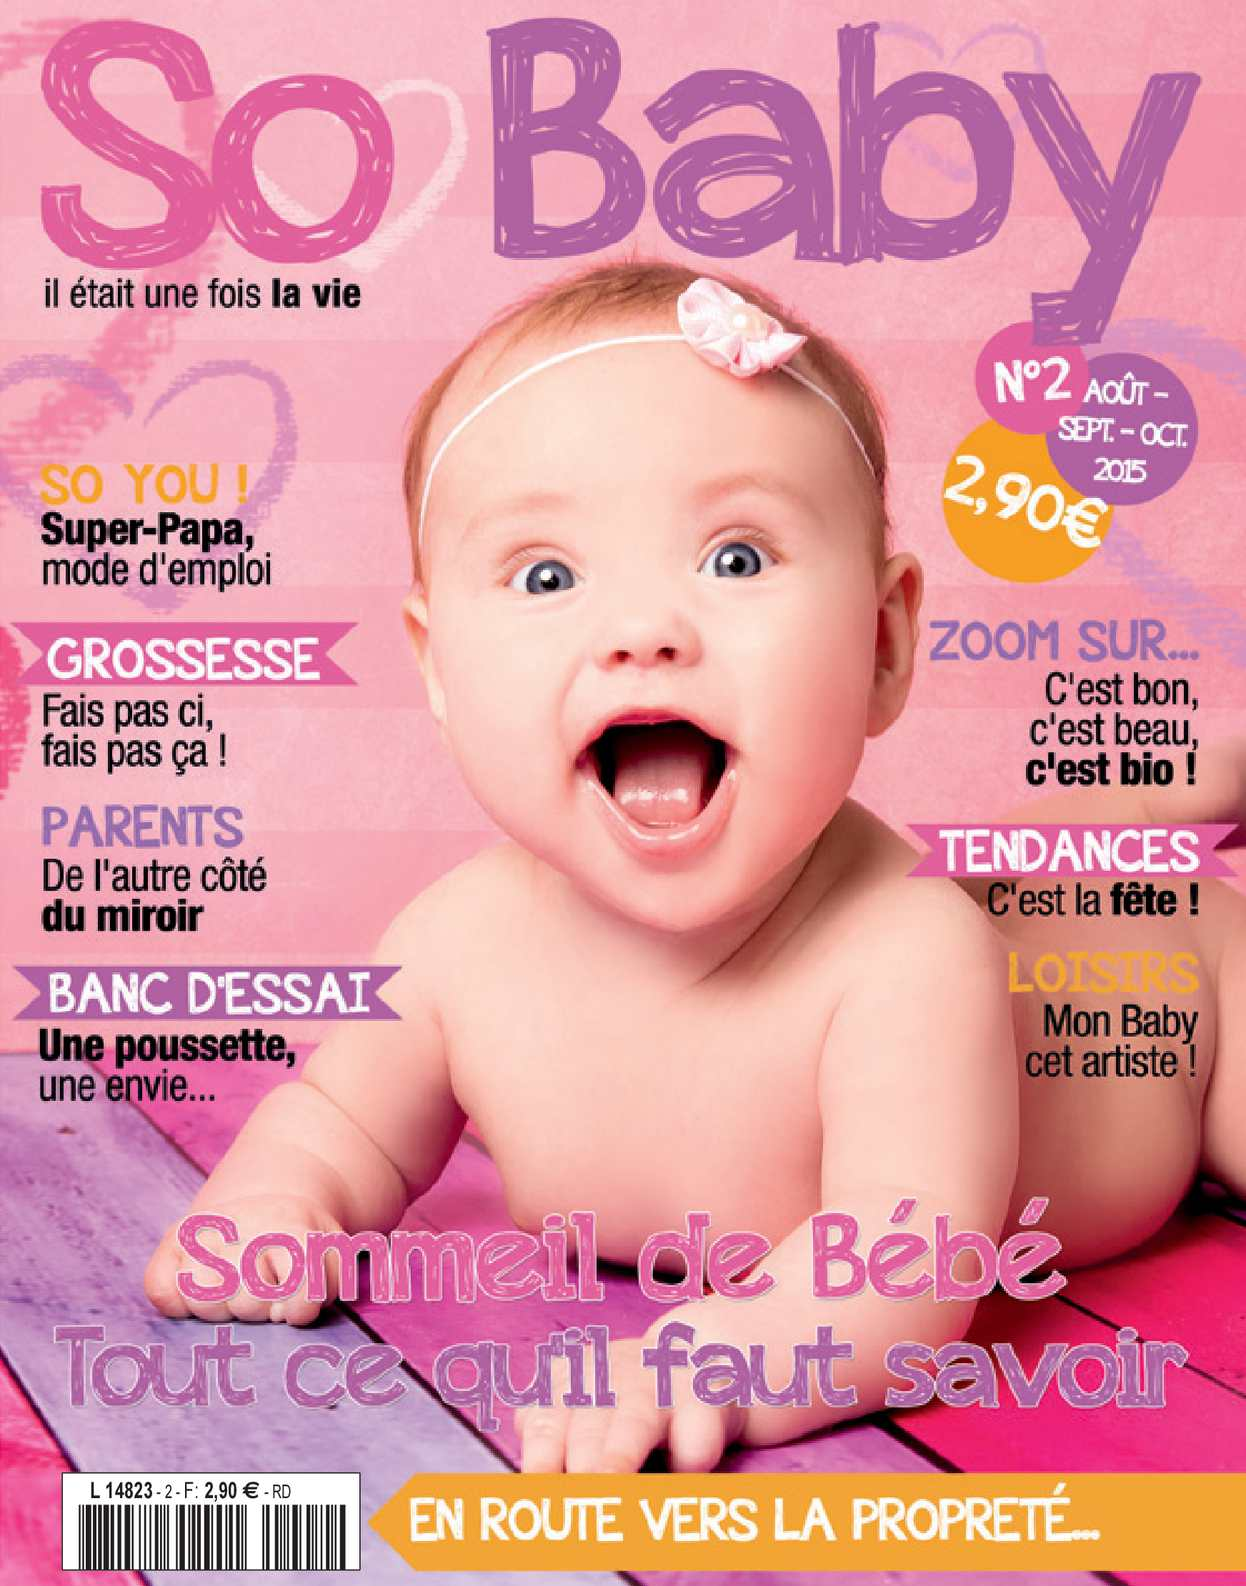 Calaméo - So Baby N°2 - Août-Septembre-Octobre 2015 f0fdcba7aff5